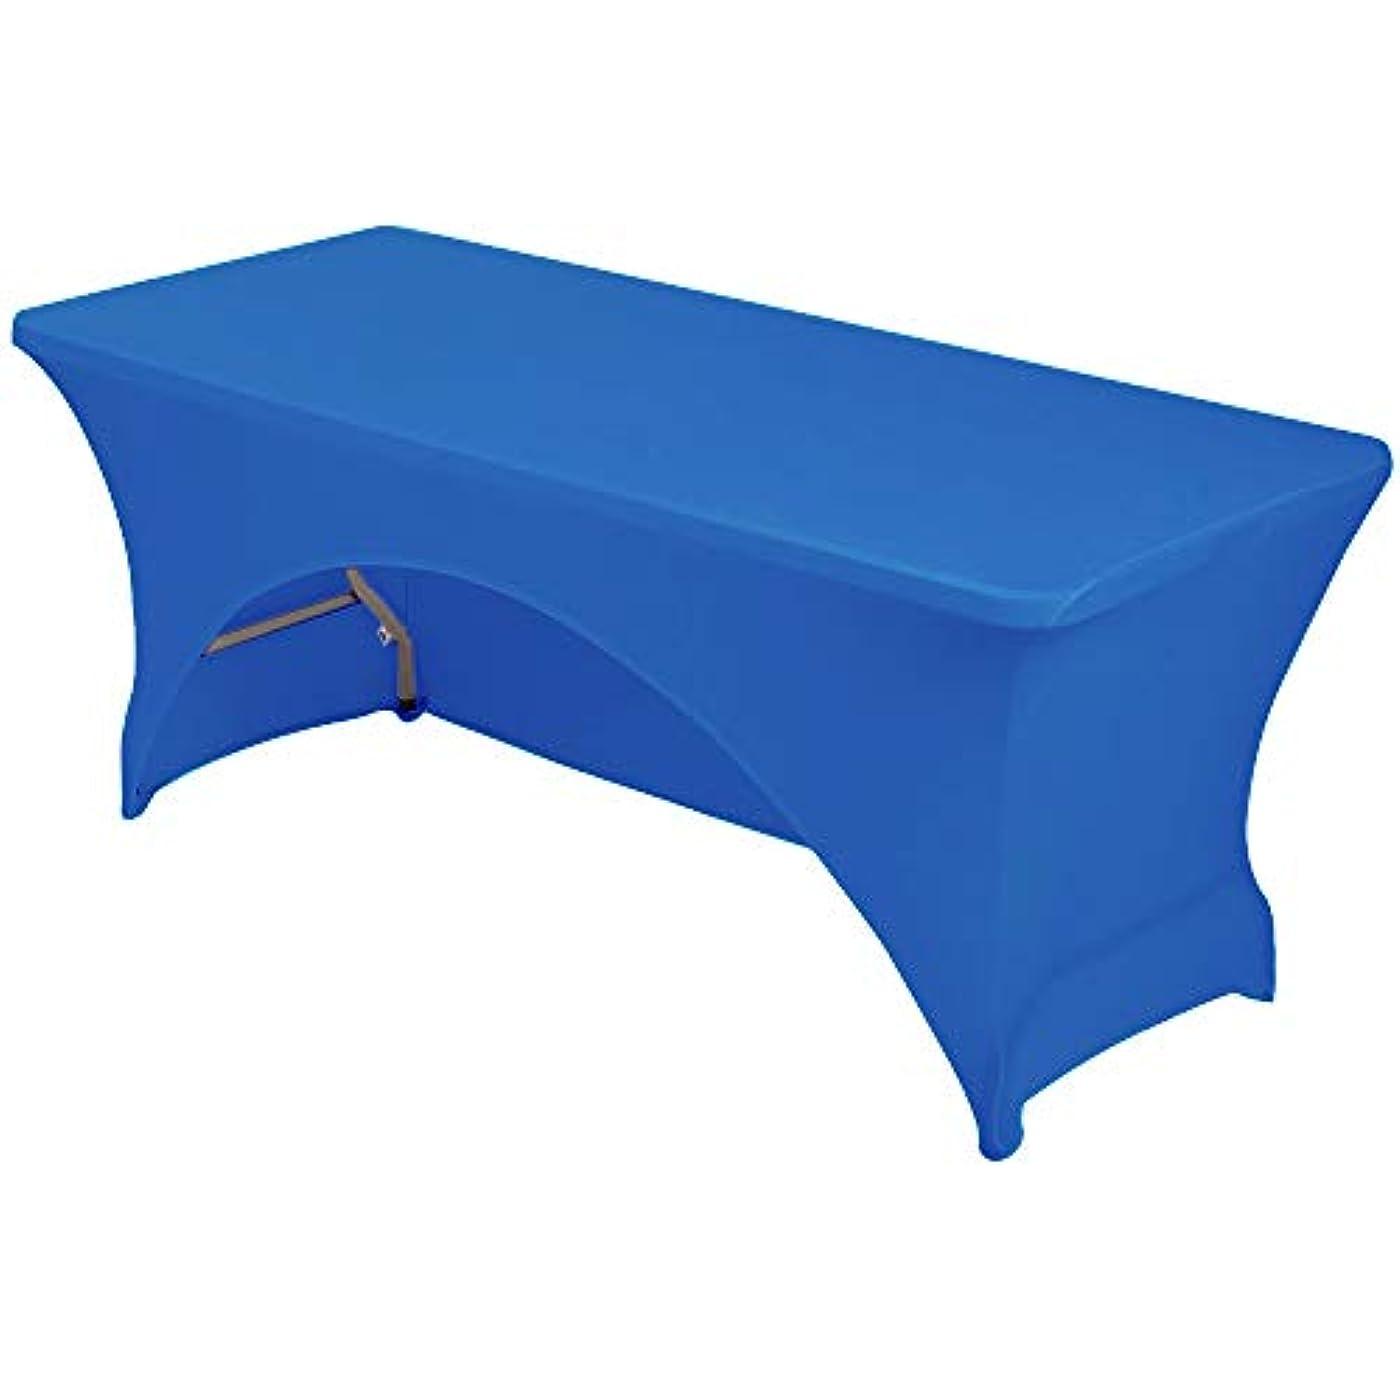 祝うに渡ってスチールYOYO HOME 長さ185×幅76×高さ76cm ポータブルベッドクロス 折りたたみベッド ポータブルベッド 整体ベッド マッサージ台 施術ベッド 施術台 エステベッド マッサージ 整体 ベッドを使う